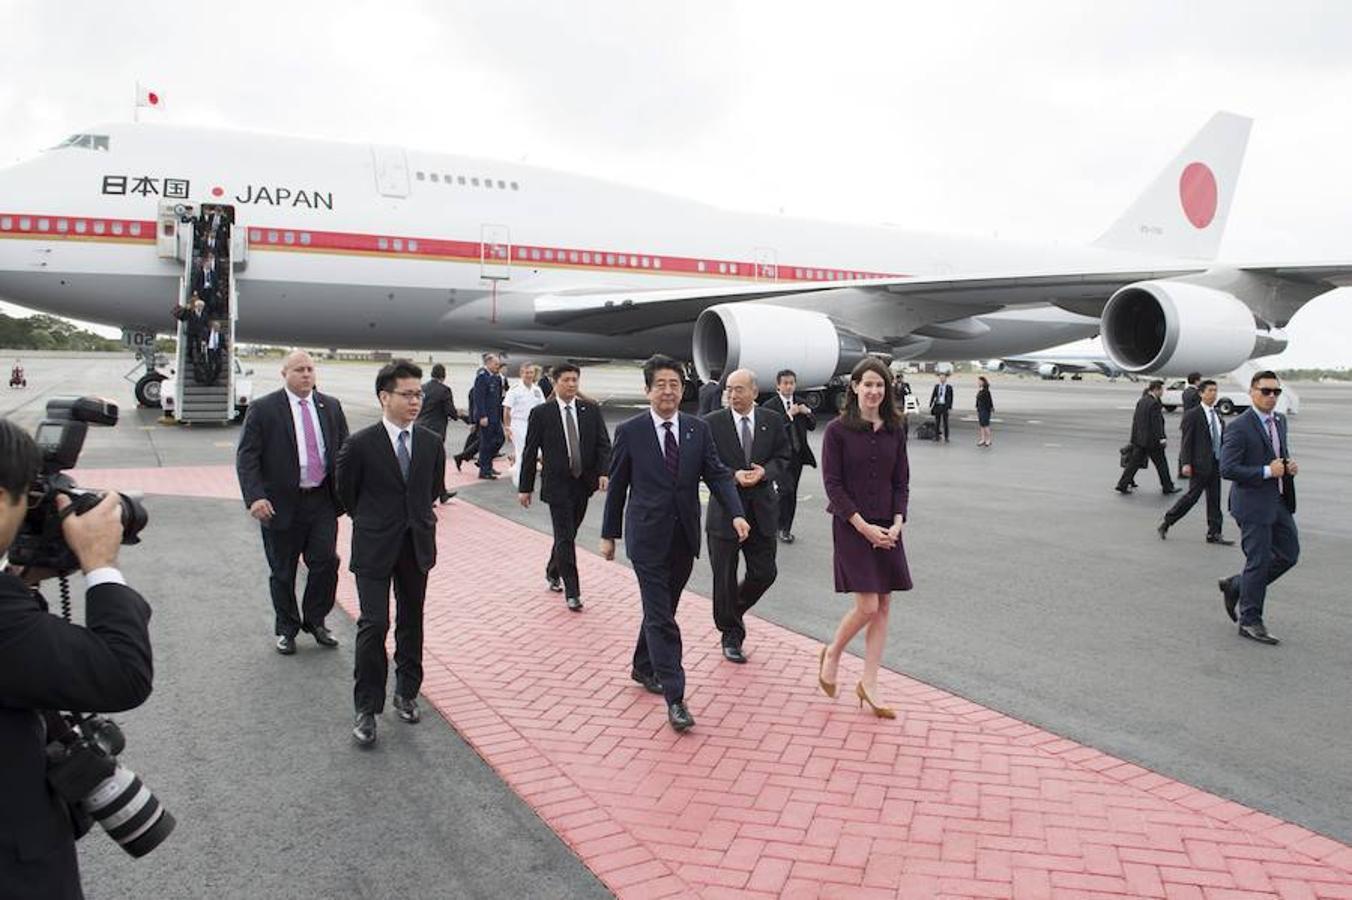 Las imágenes más destacadas de la histórica visita del primer ministro japonés a la Base de Pearl Harbor